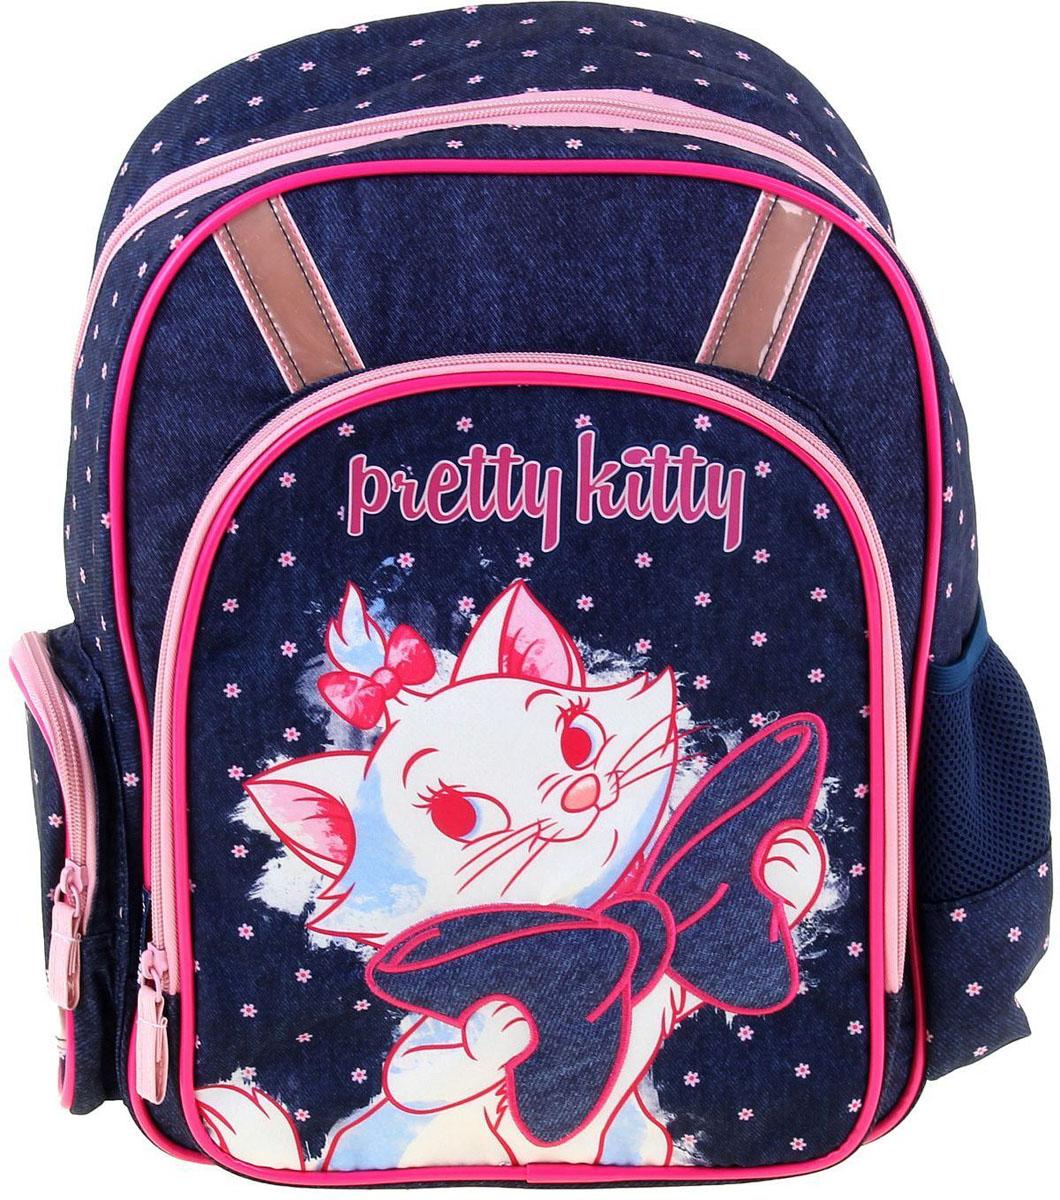 Disney Рюкзак дошкольный Marie Cat1158317Дошкольный рюкзак Disney Marie Cat обязательно пригодится вашему ребенку! Он может взять его с собой на прогулку, в гости или в детский сад.Выполнен рюкзак из прочного материала, что позволяет служить ему долгое время. Изделие содержит одно отделение, закрывающееся на застежку-молнию. На лицевой стороне изделия находится карман на молнии, по бокам - два кармана (открытый и на молнии).Рюкзак оснащен регулируемыми по длине плечевыми лямками и дополнен текстильной ручкой для переноски в руке. Светоотражающие элементы обеспечивают безопасность в темное время суток.Рюкзак порадует глаз и подарит отличное настроение вашему ребенку, который будет с удовольствием носить в нем свои вещи или любимые игрушки.